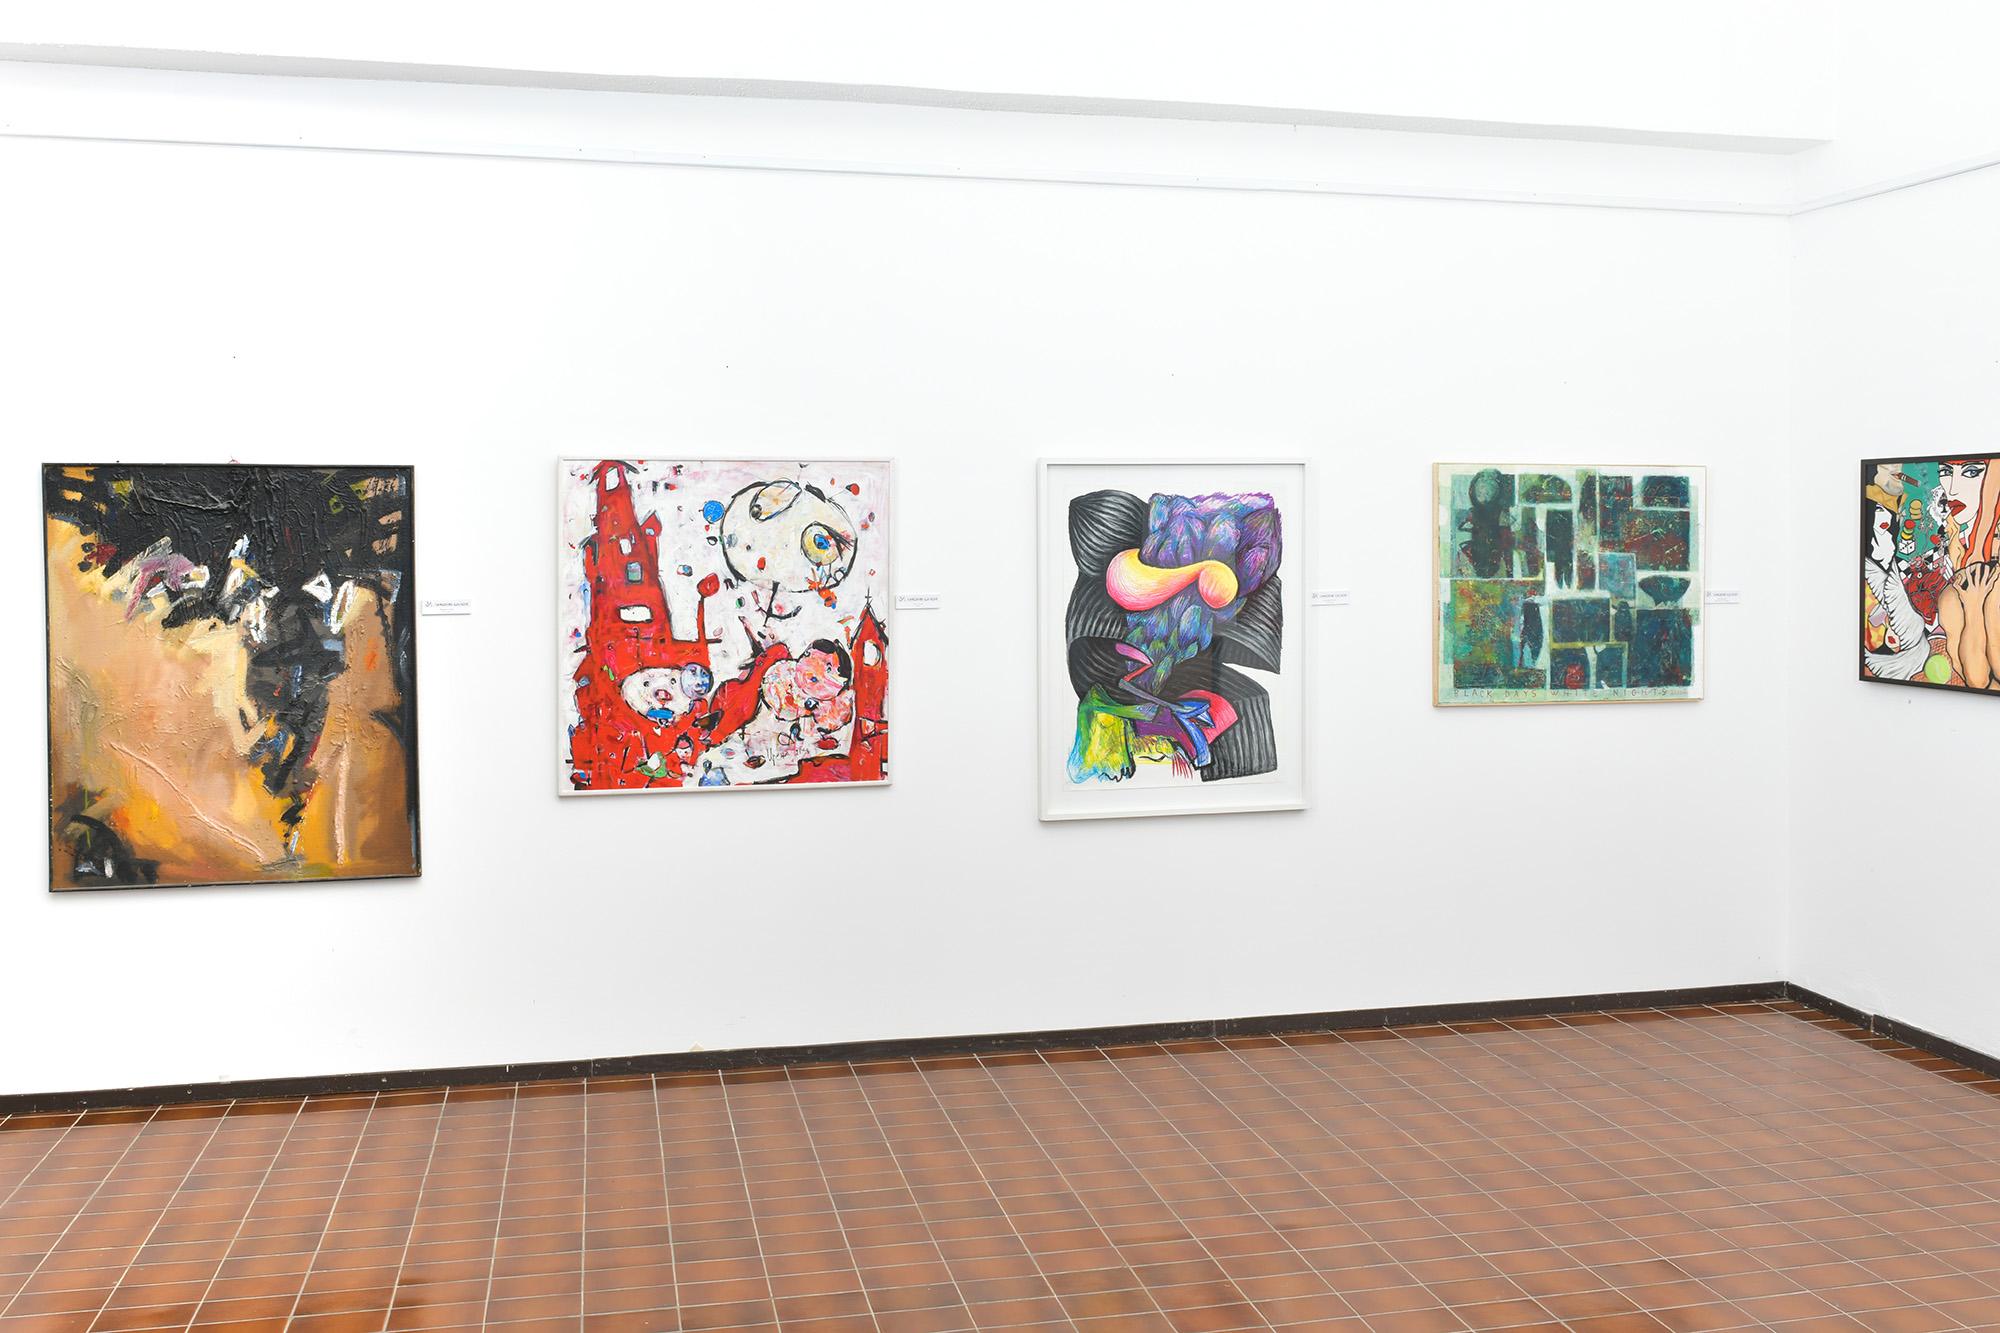 CRONICA COMUNEI CUVIN  – Salonul de Artă de Octombire